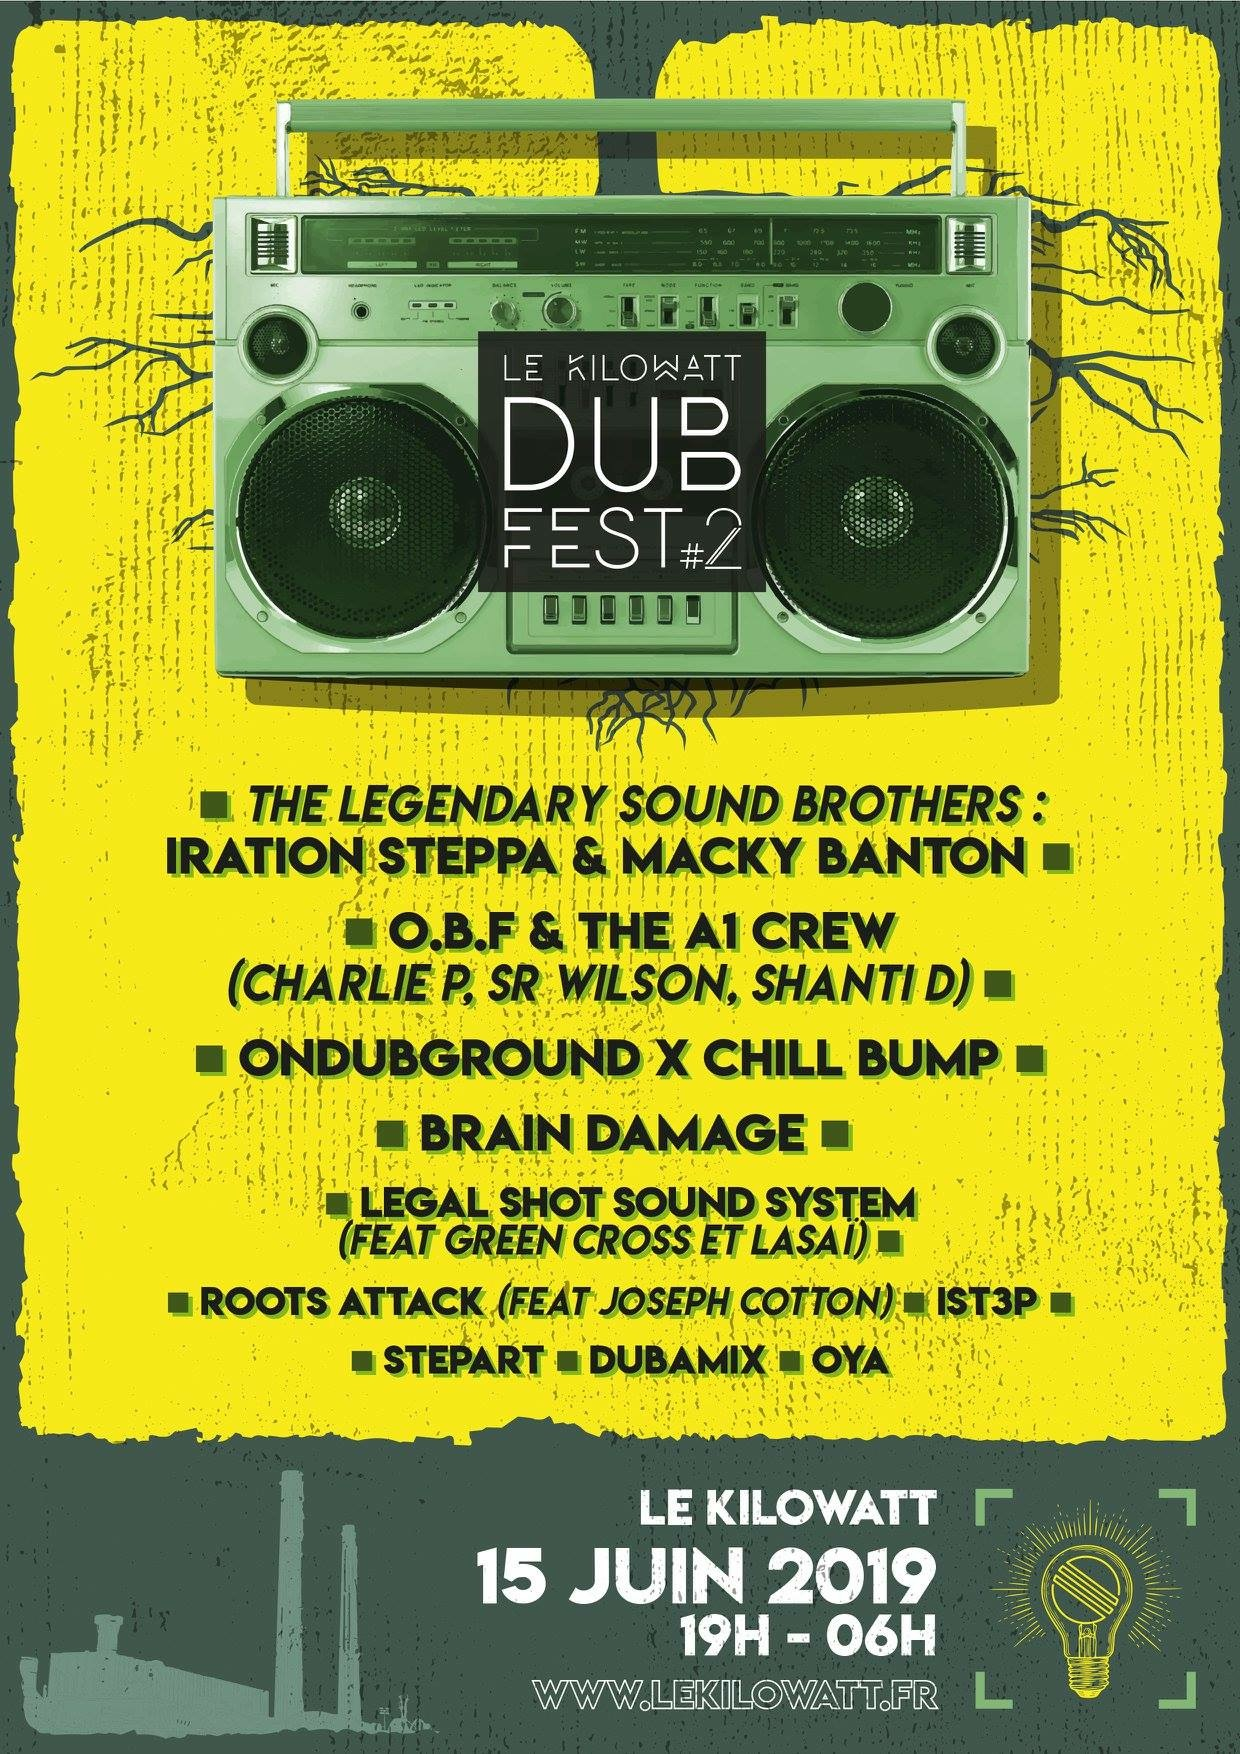 Kilowatt Dub Festival #2